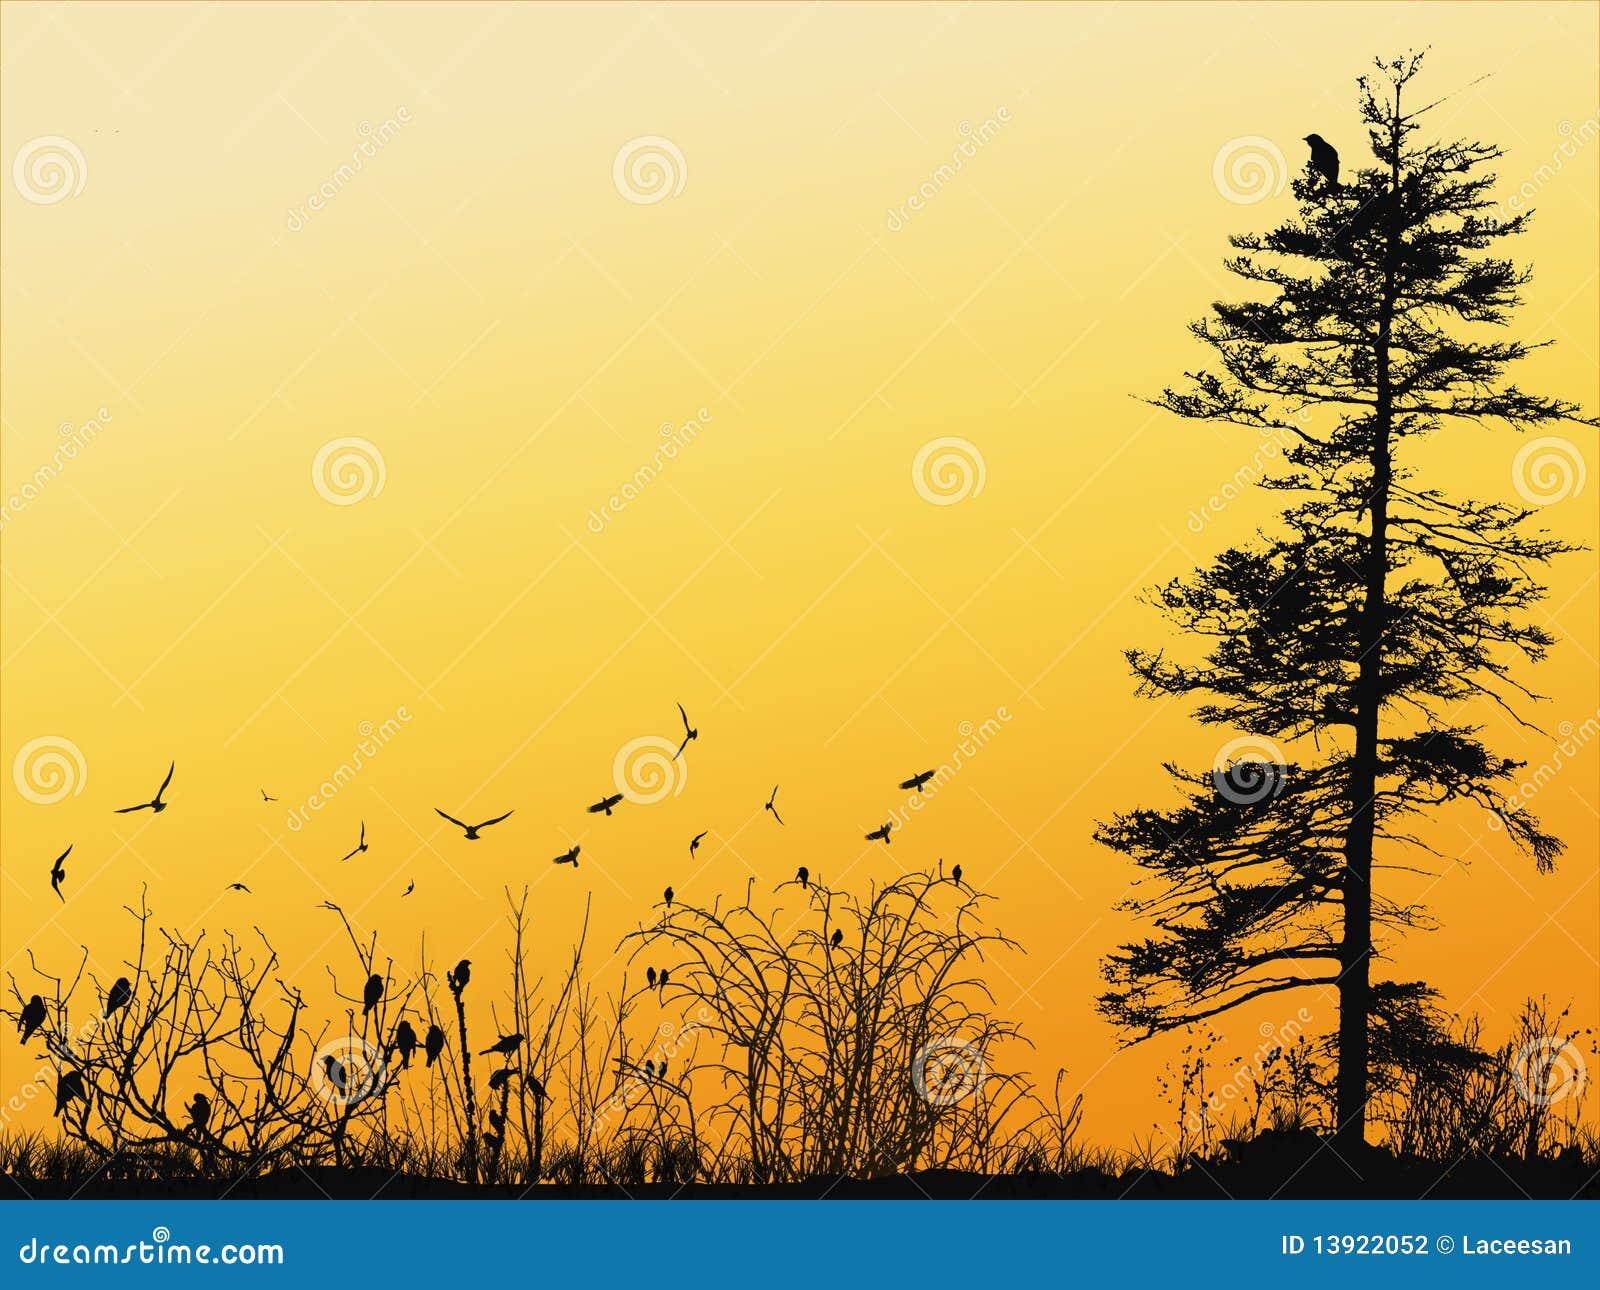 Papier peint d 39 oiseaux photographie stock image 13922052 - Papier peint oiseaux ...